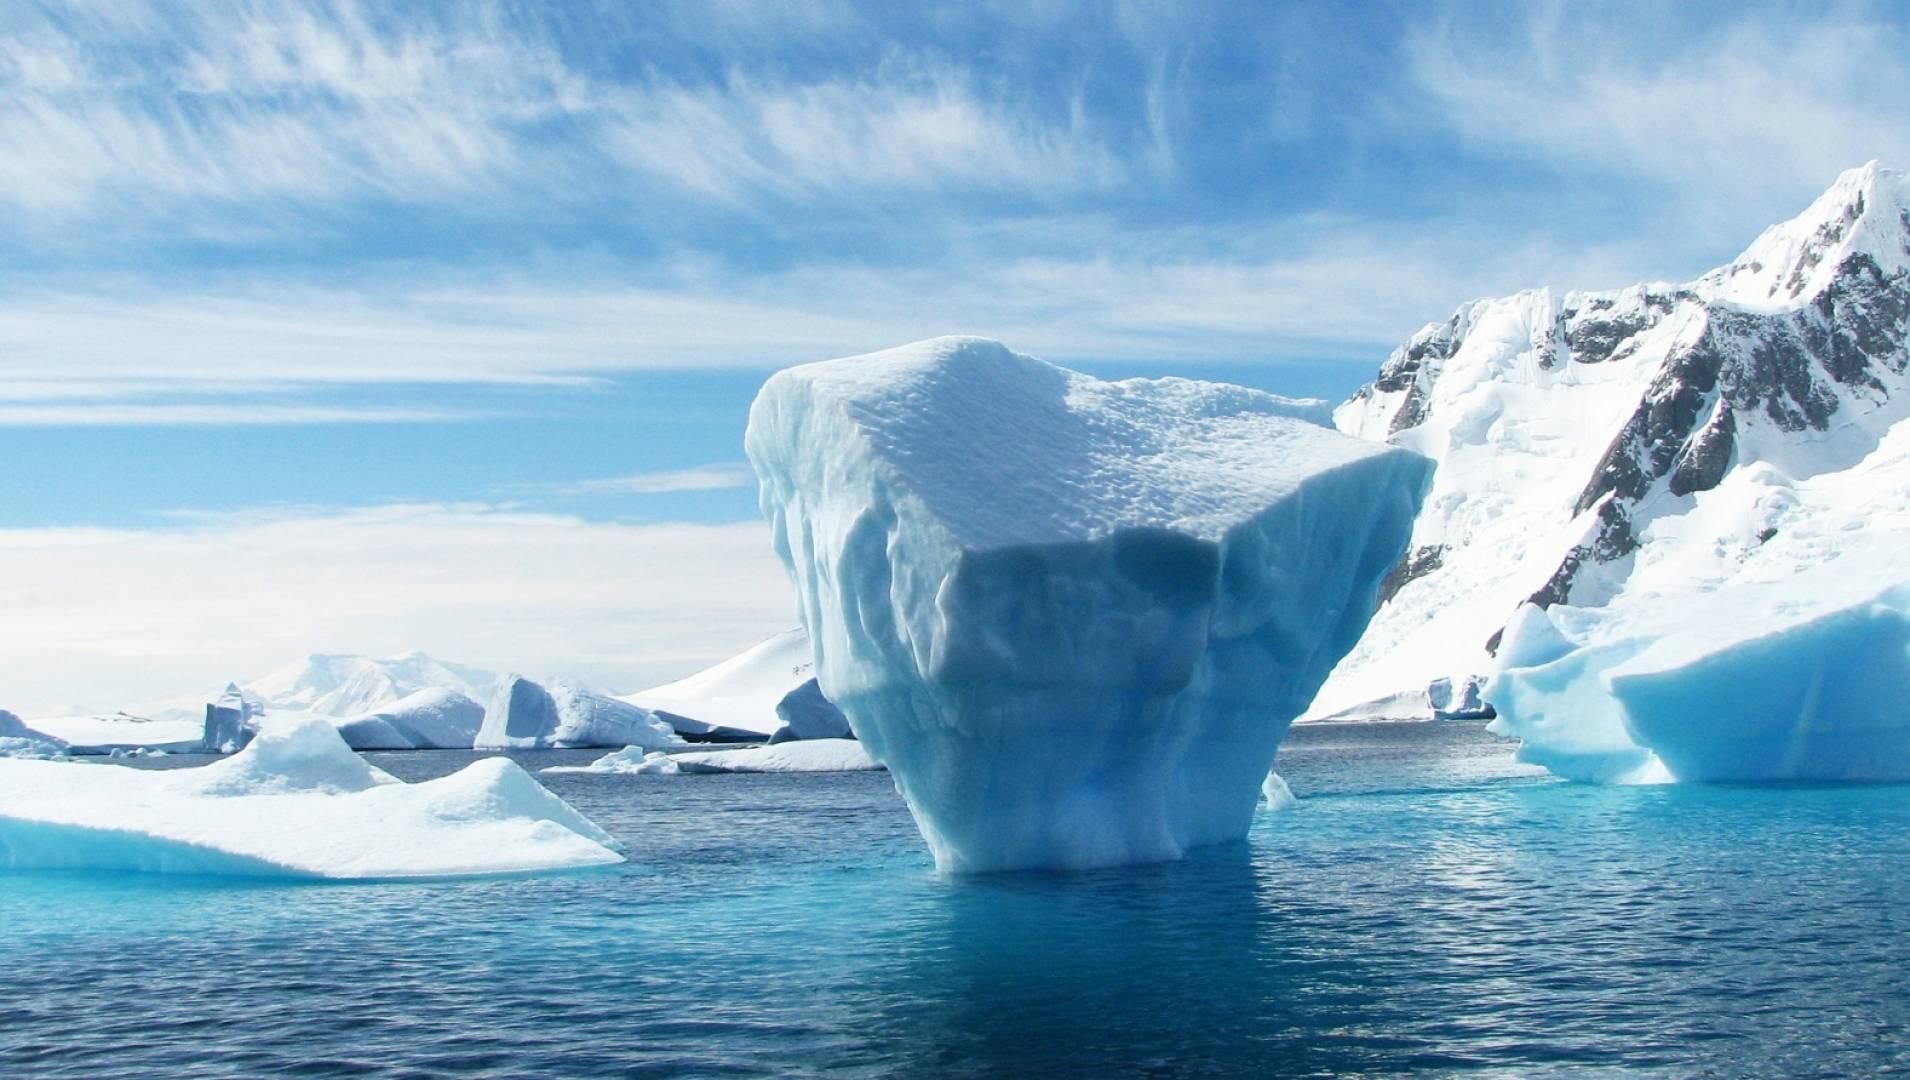 Антарктида. Хождение за три полюса - Документальный фильм